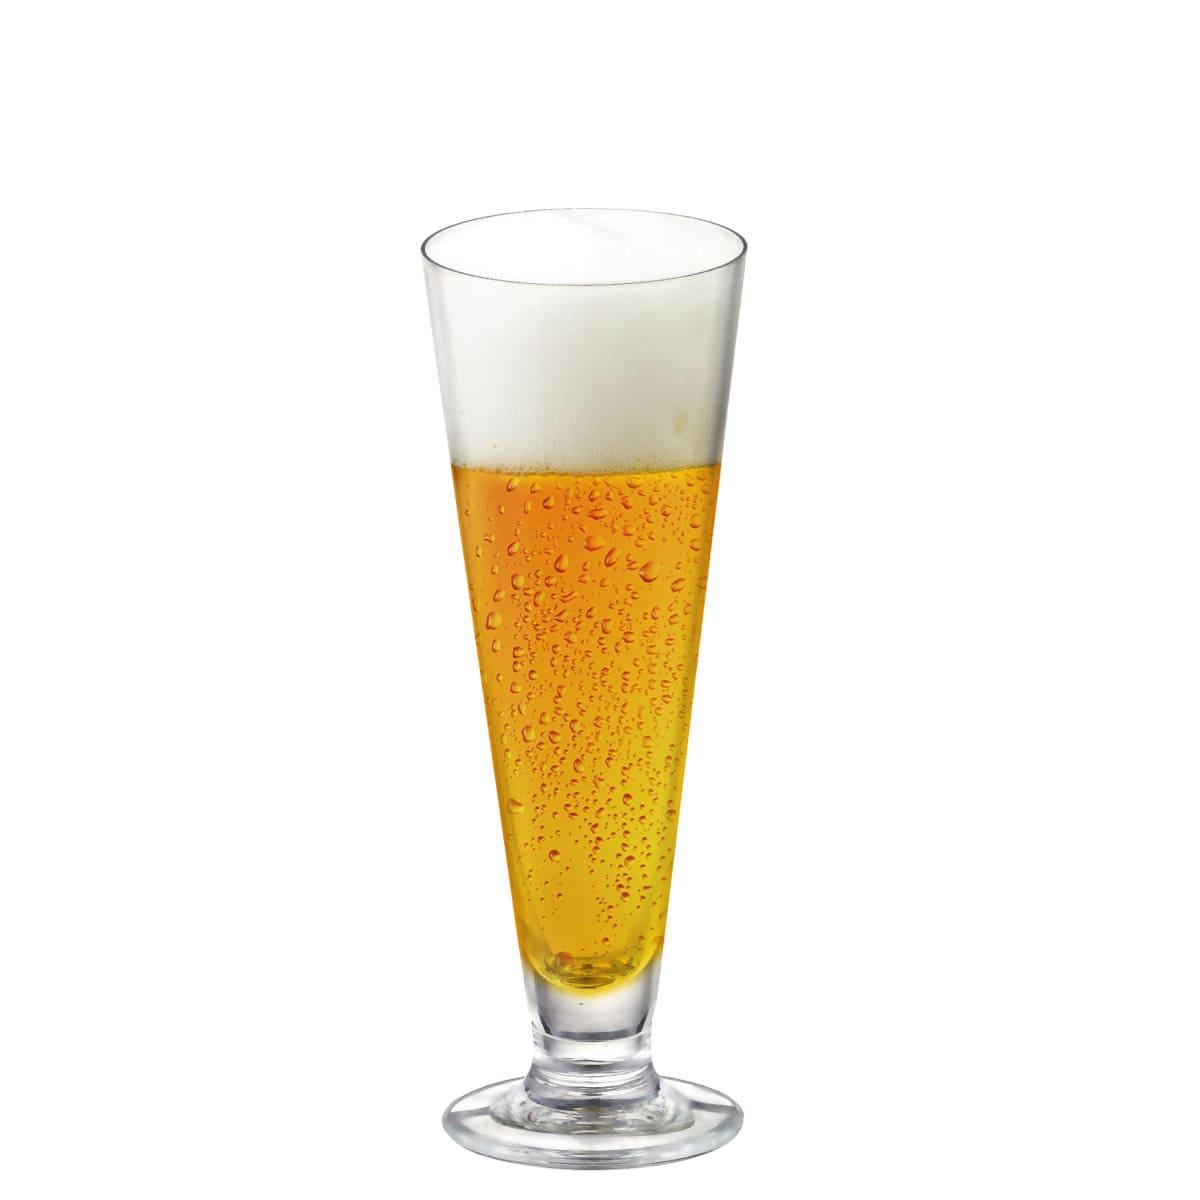 Jogo de Taças de Cerveja Tulipa Reta Cristal 300ml 12 Pcs